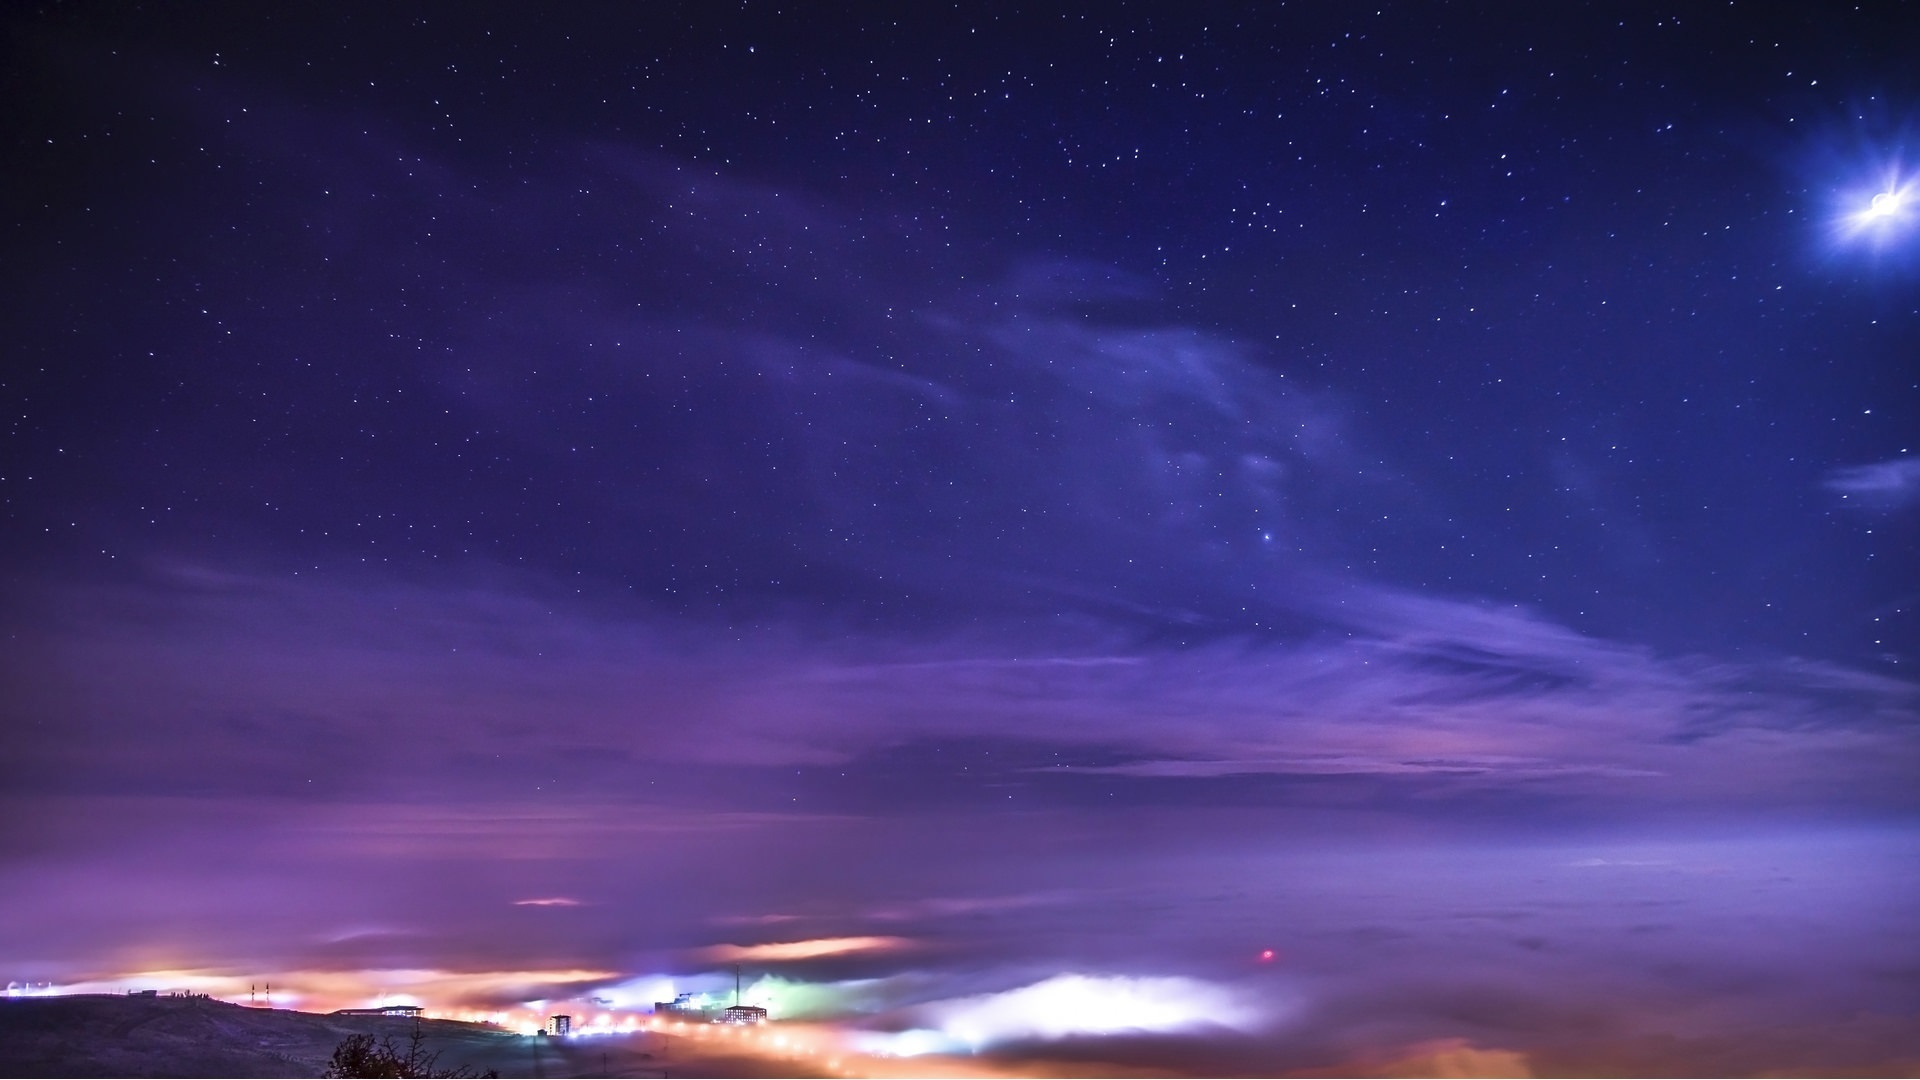 壁紙 星空 夜 星 自然 19x1080 Full Hd 2k 無料のデスクトップの背景 画像